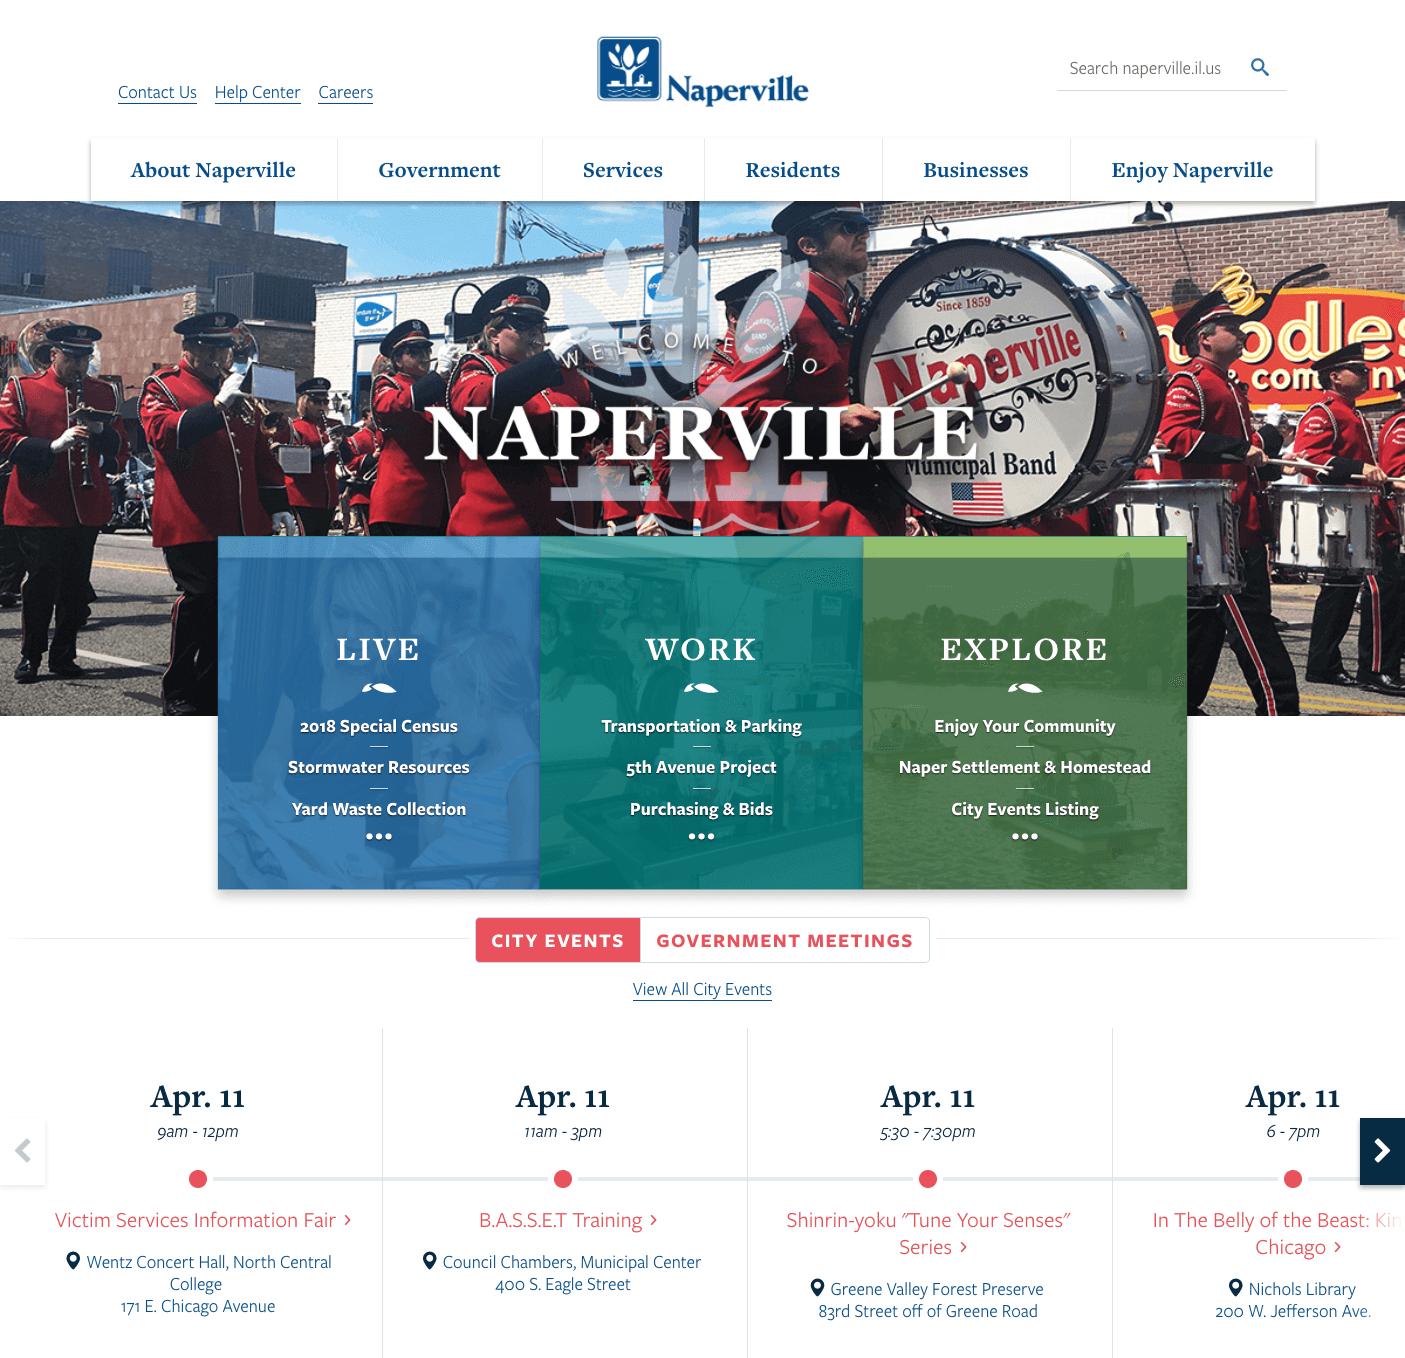 naperville-banner-alt